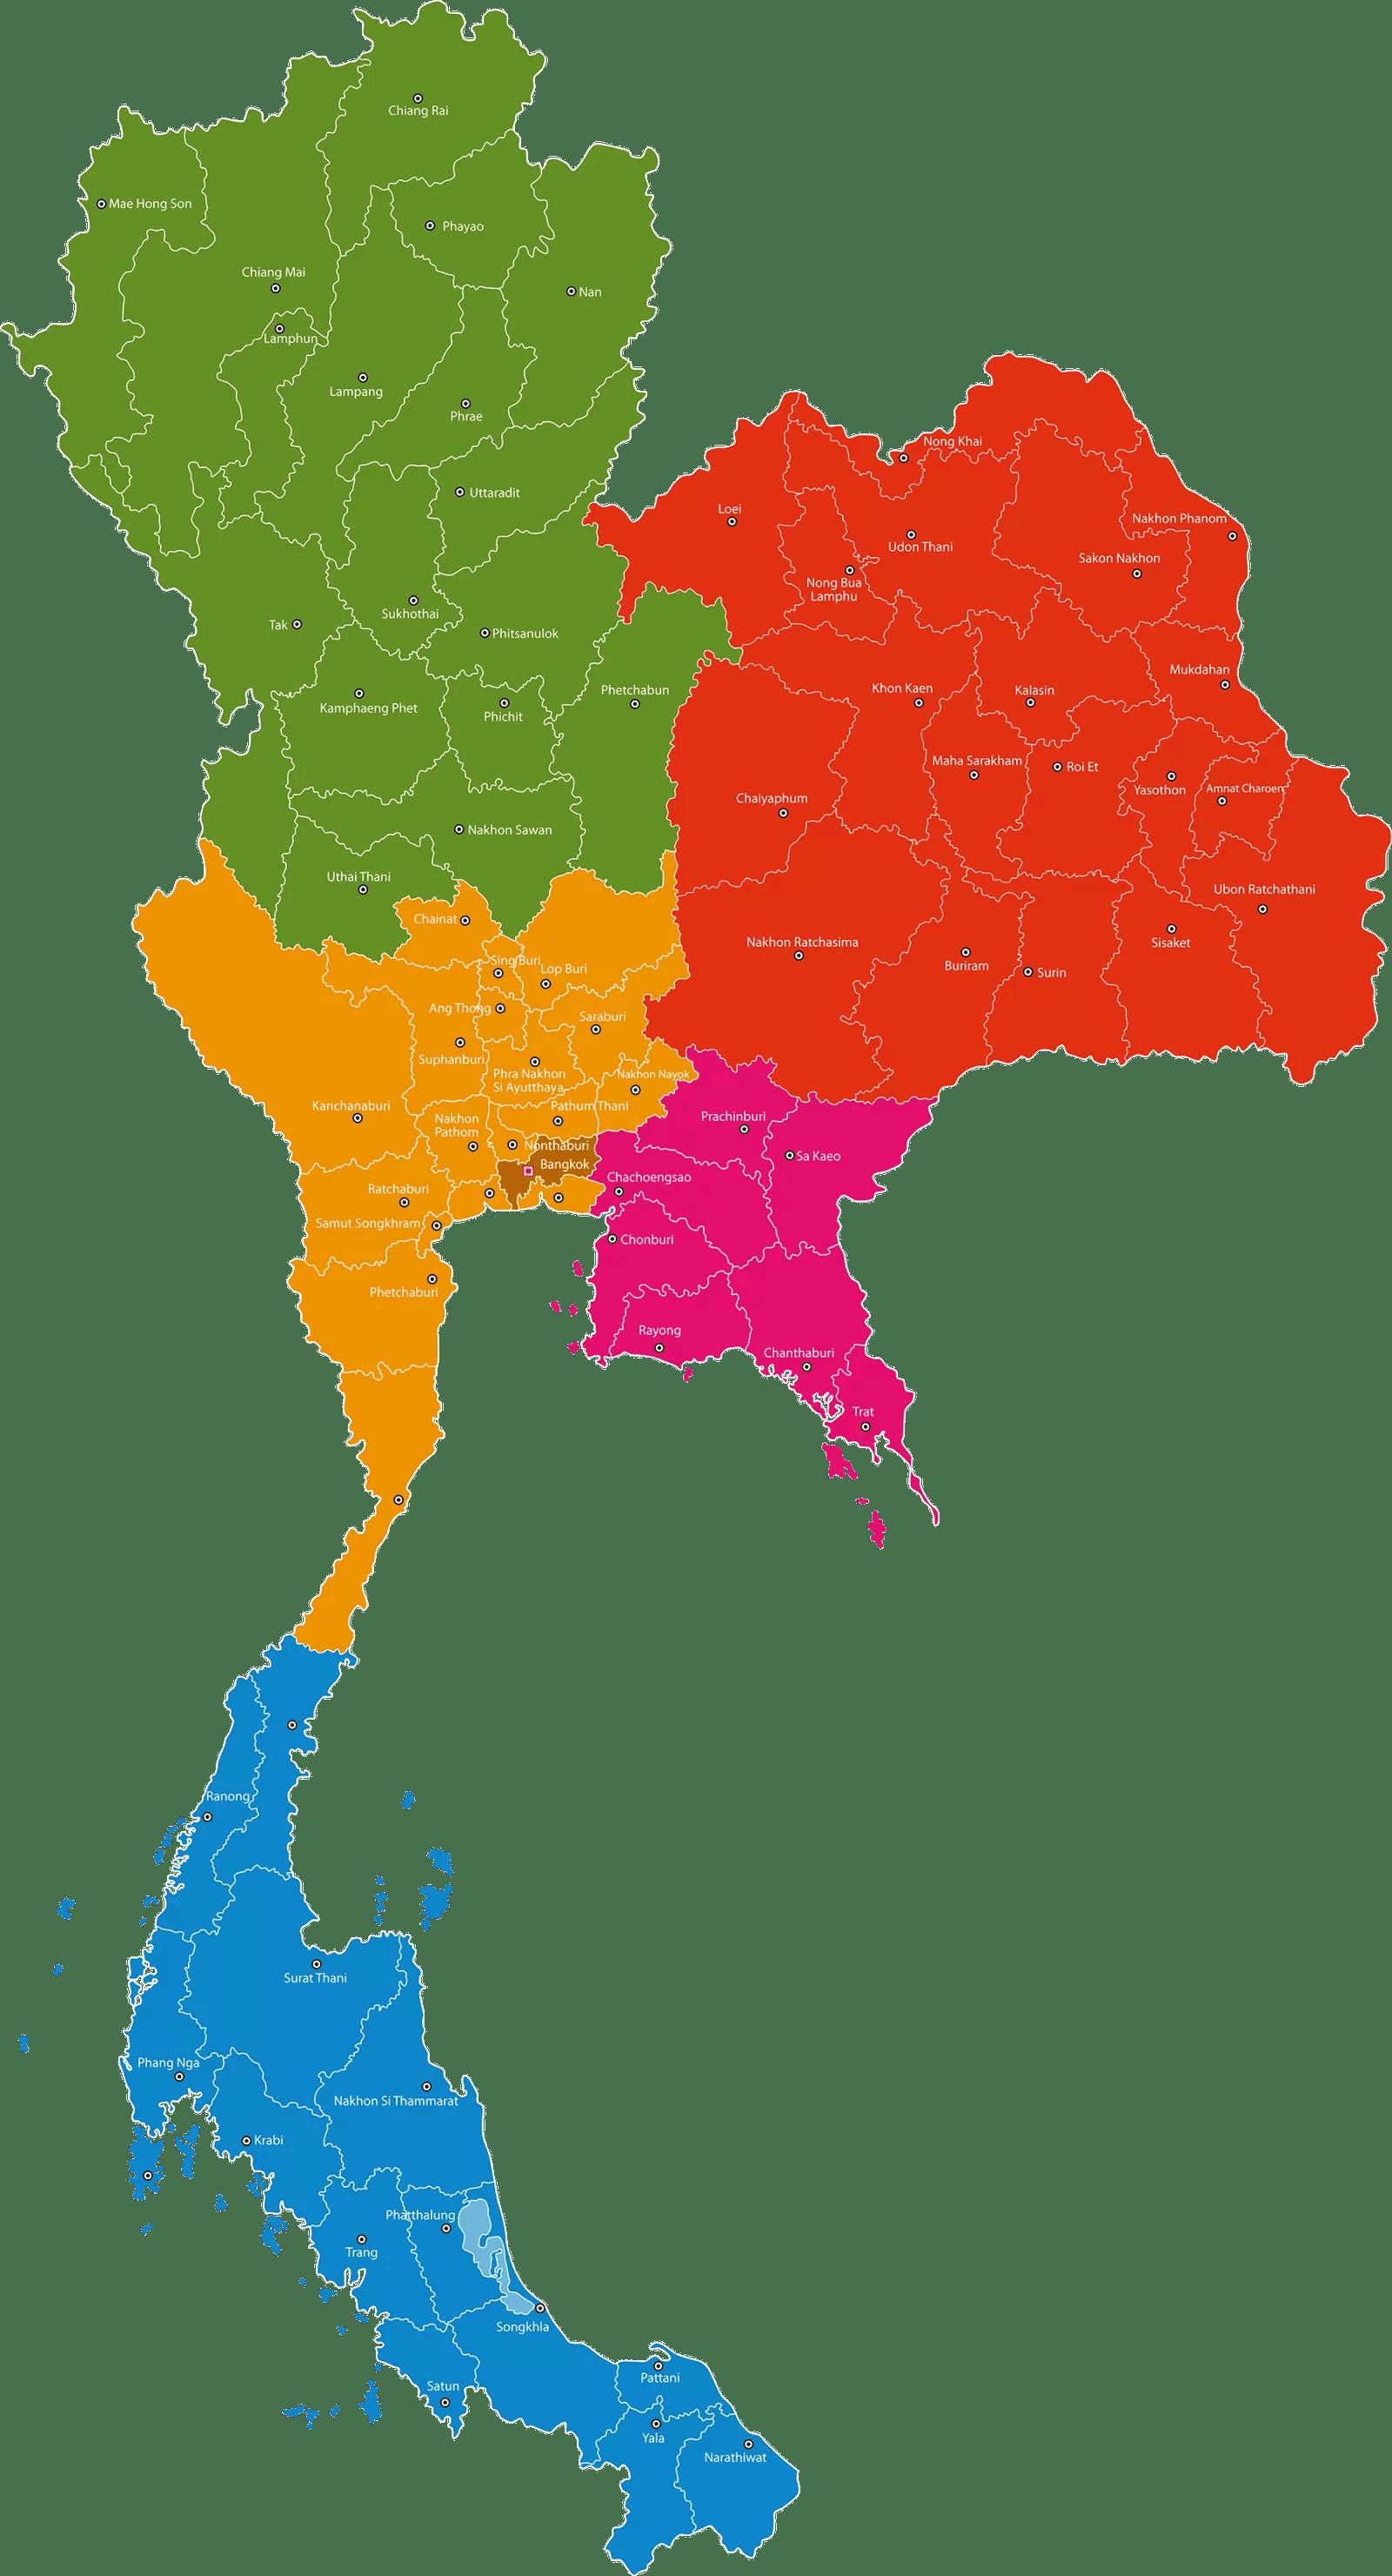 carte thailande photos nord-est